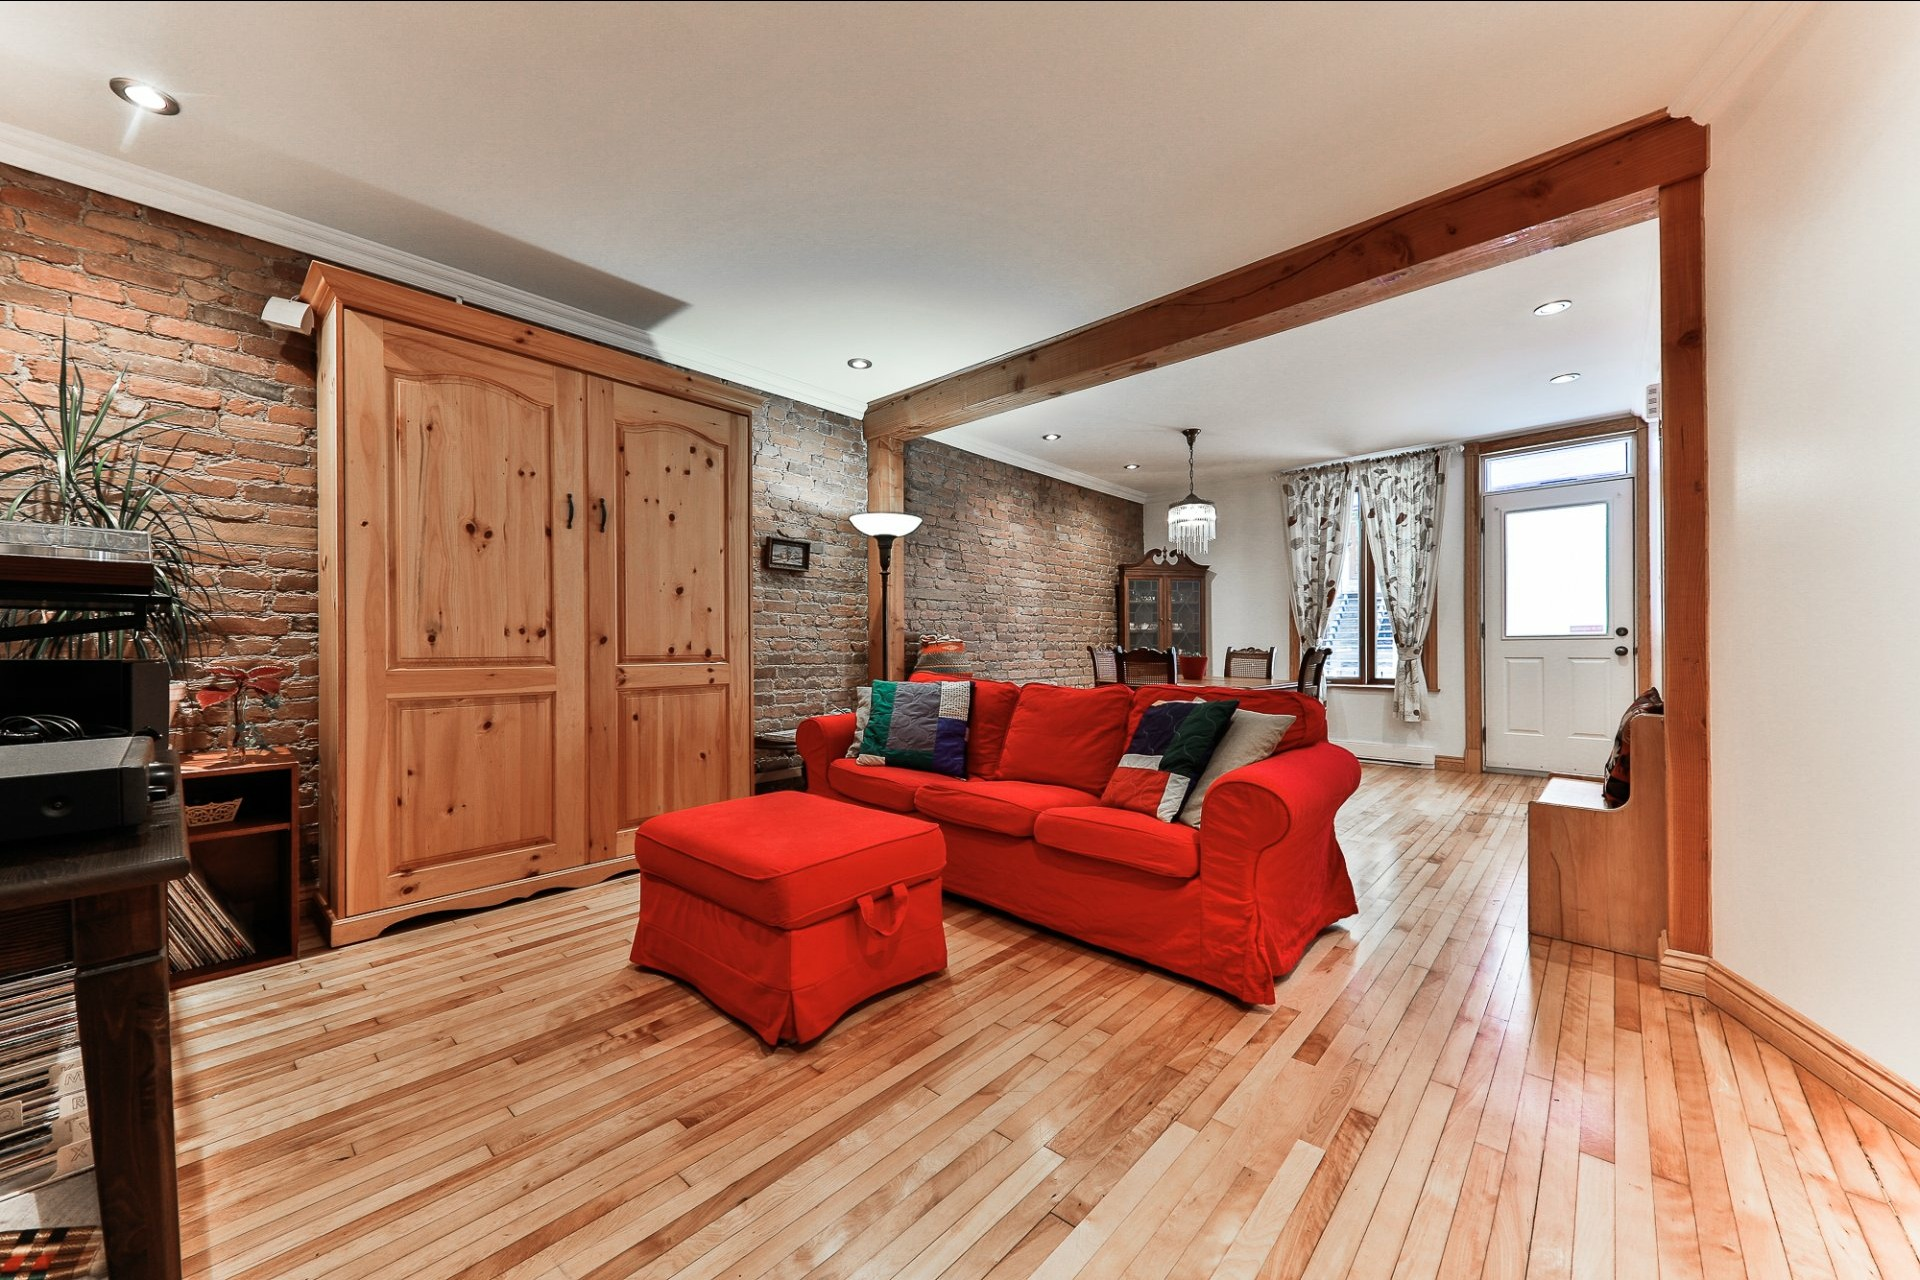 image 5 - Appartement À vendre Le Plateau-Mont-Royal Montréal  - 7 pièces